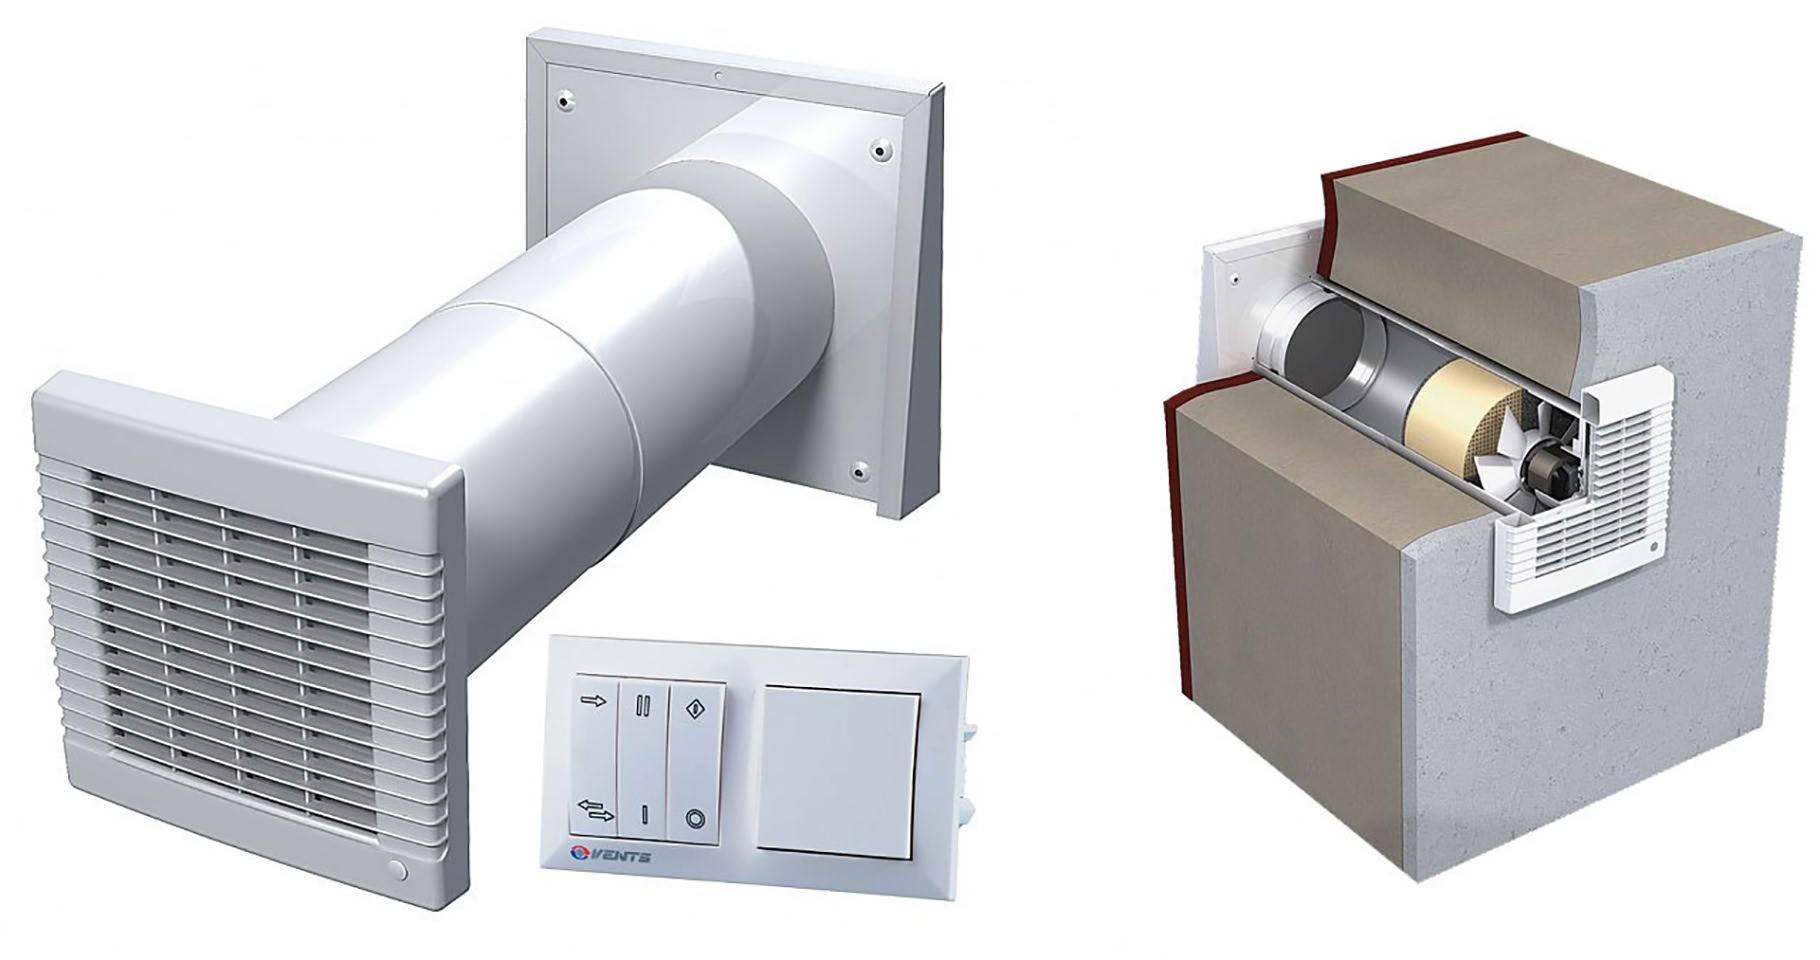 Вентиляция для газового котла в частном доме: требования, схема